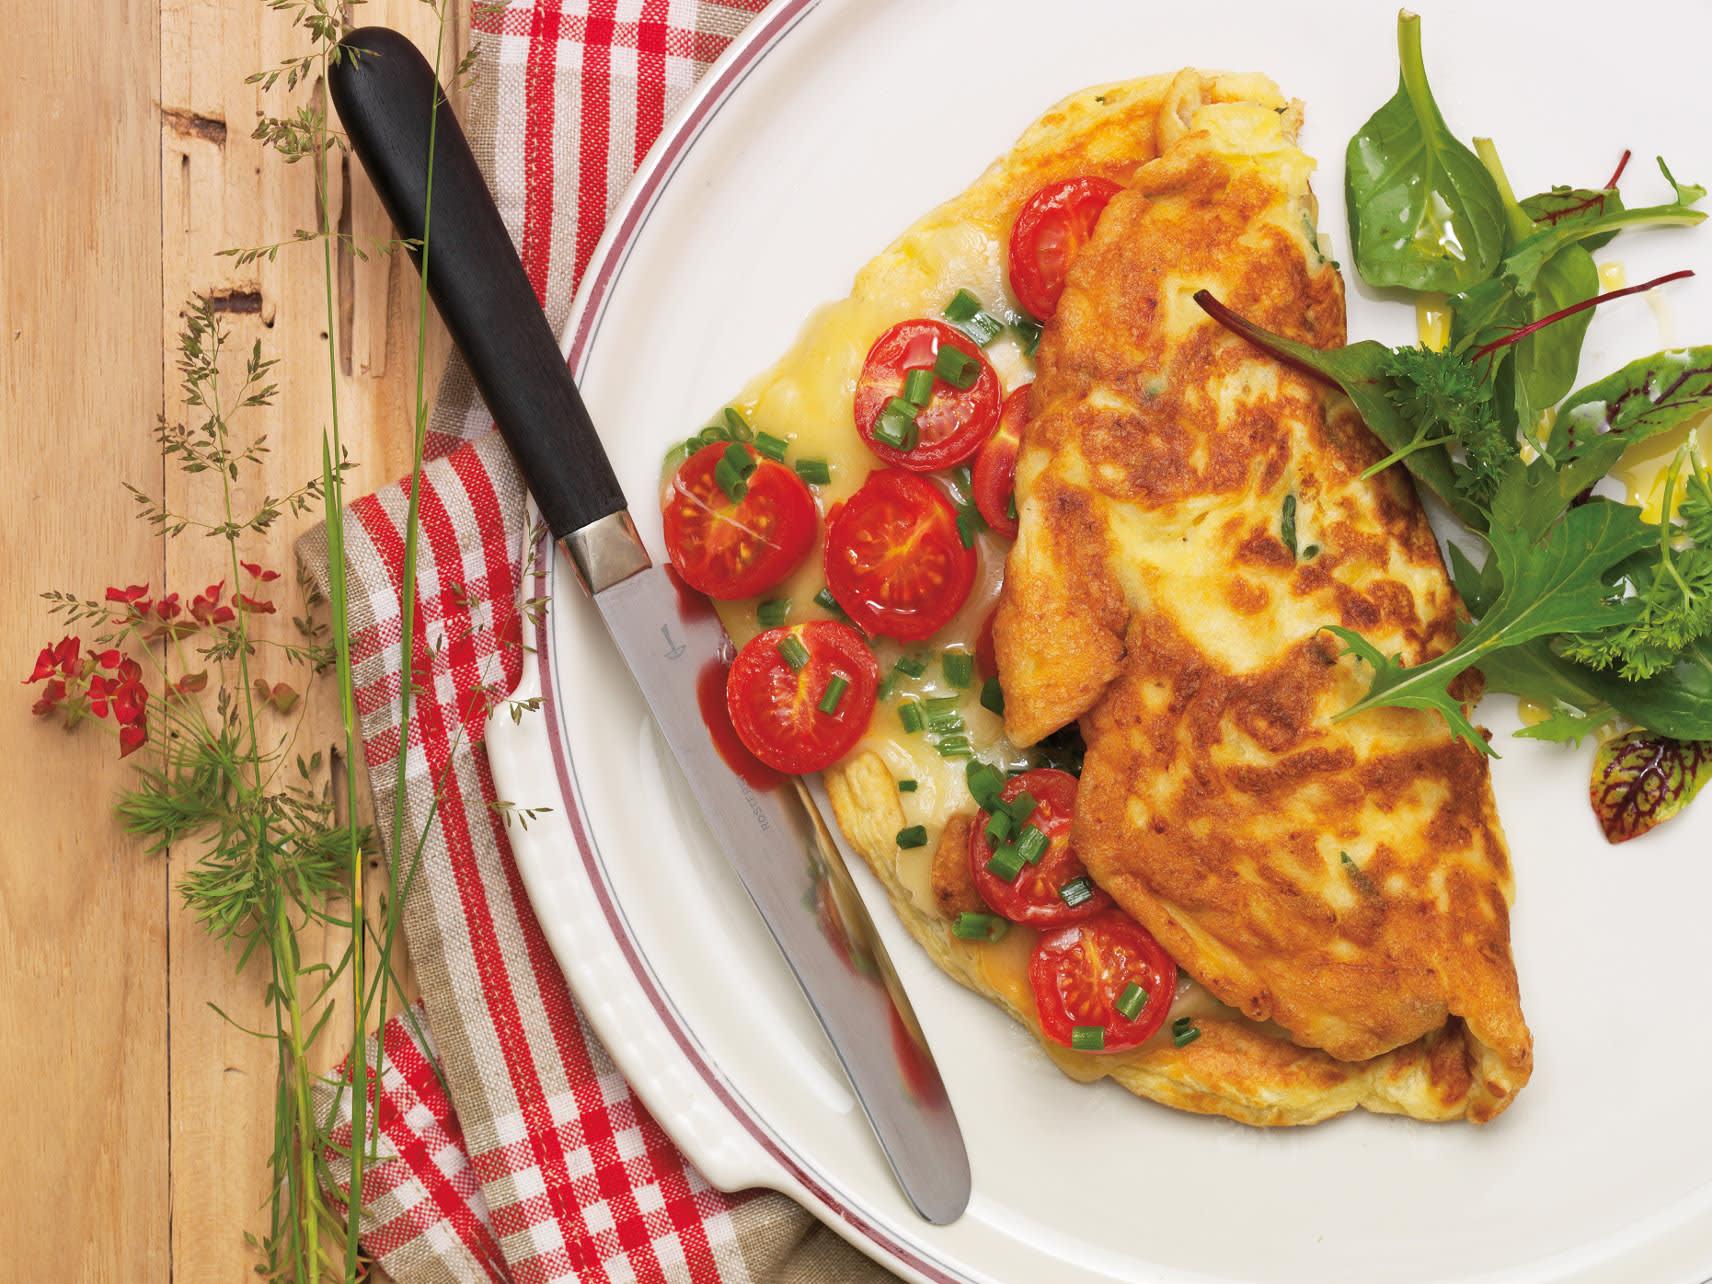 Crêpes de rösti au fromage à raclette